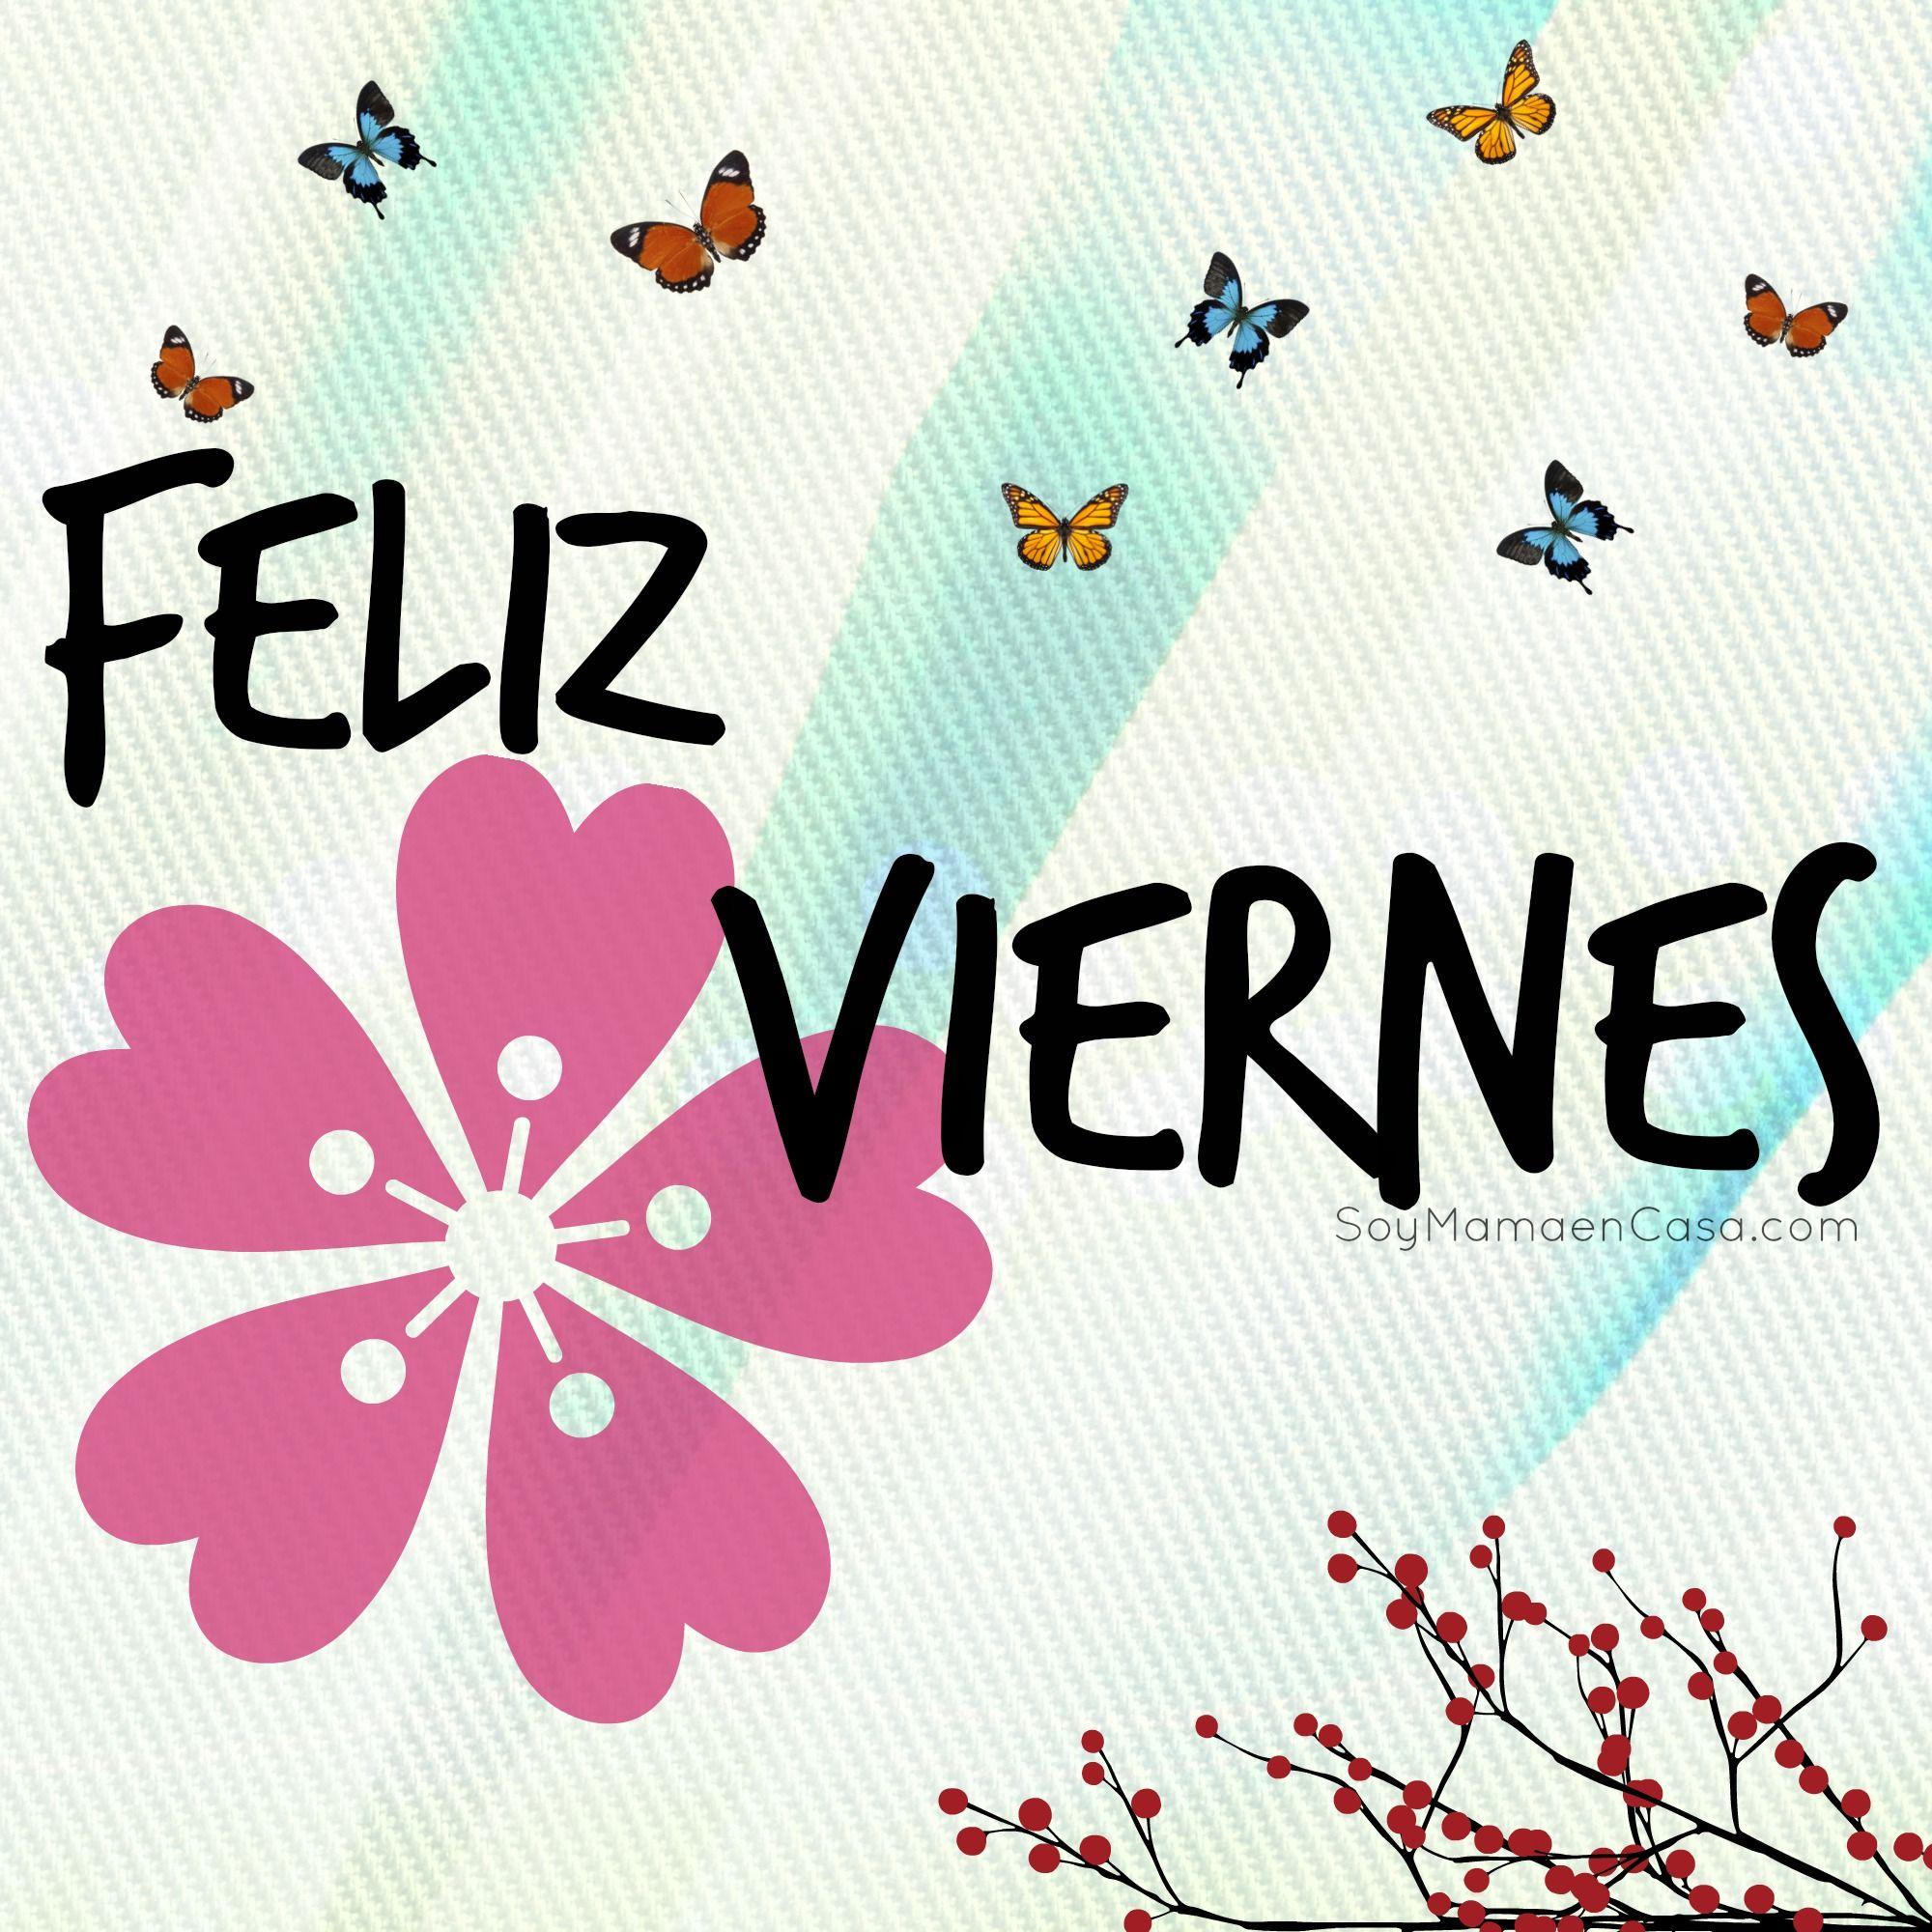 Feliz viernes saludos soymamaencasa frases pinterest feliz viernes saludos soymamaencasa thecheapjerseys Images